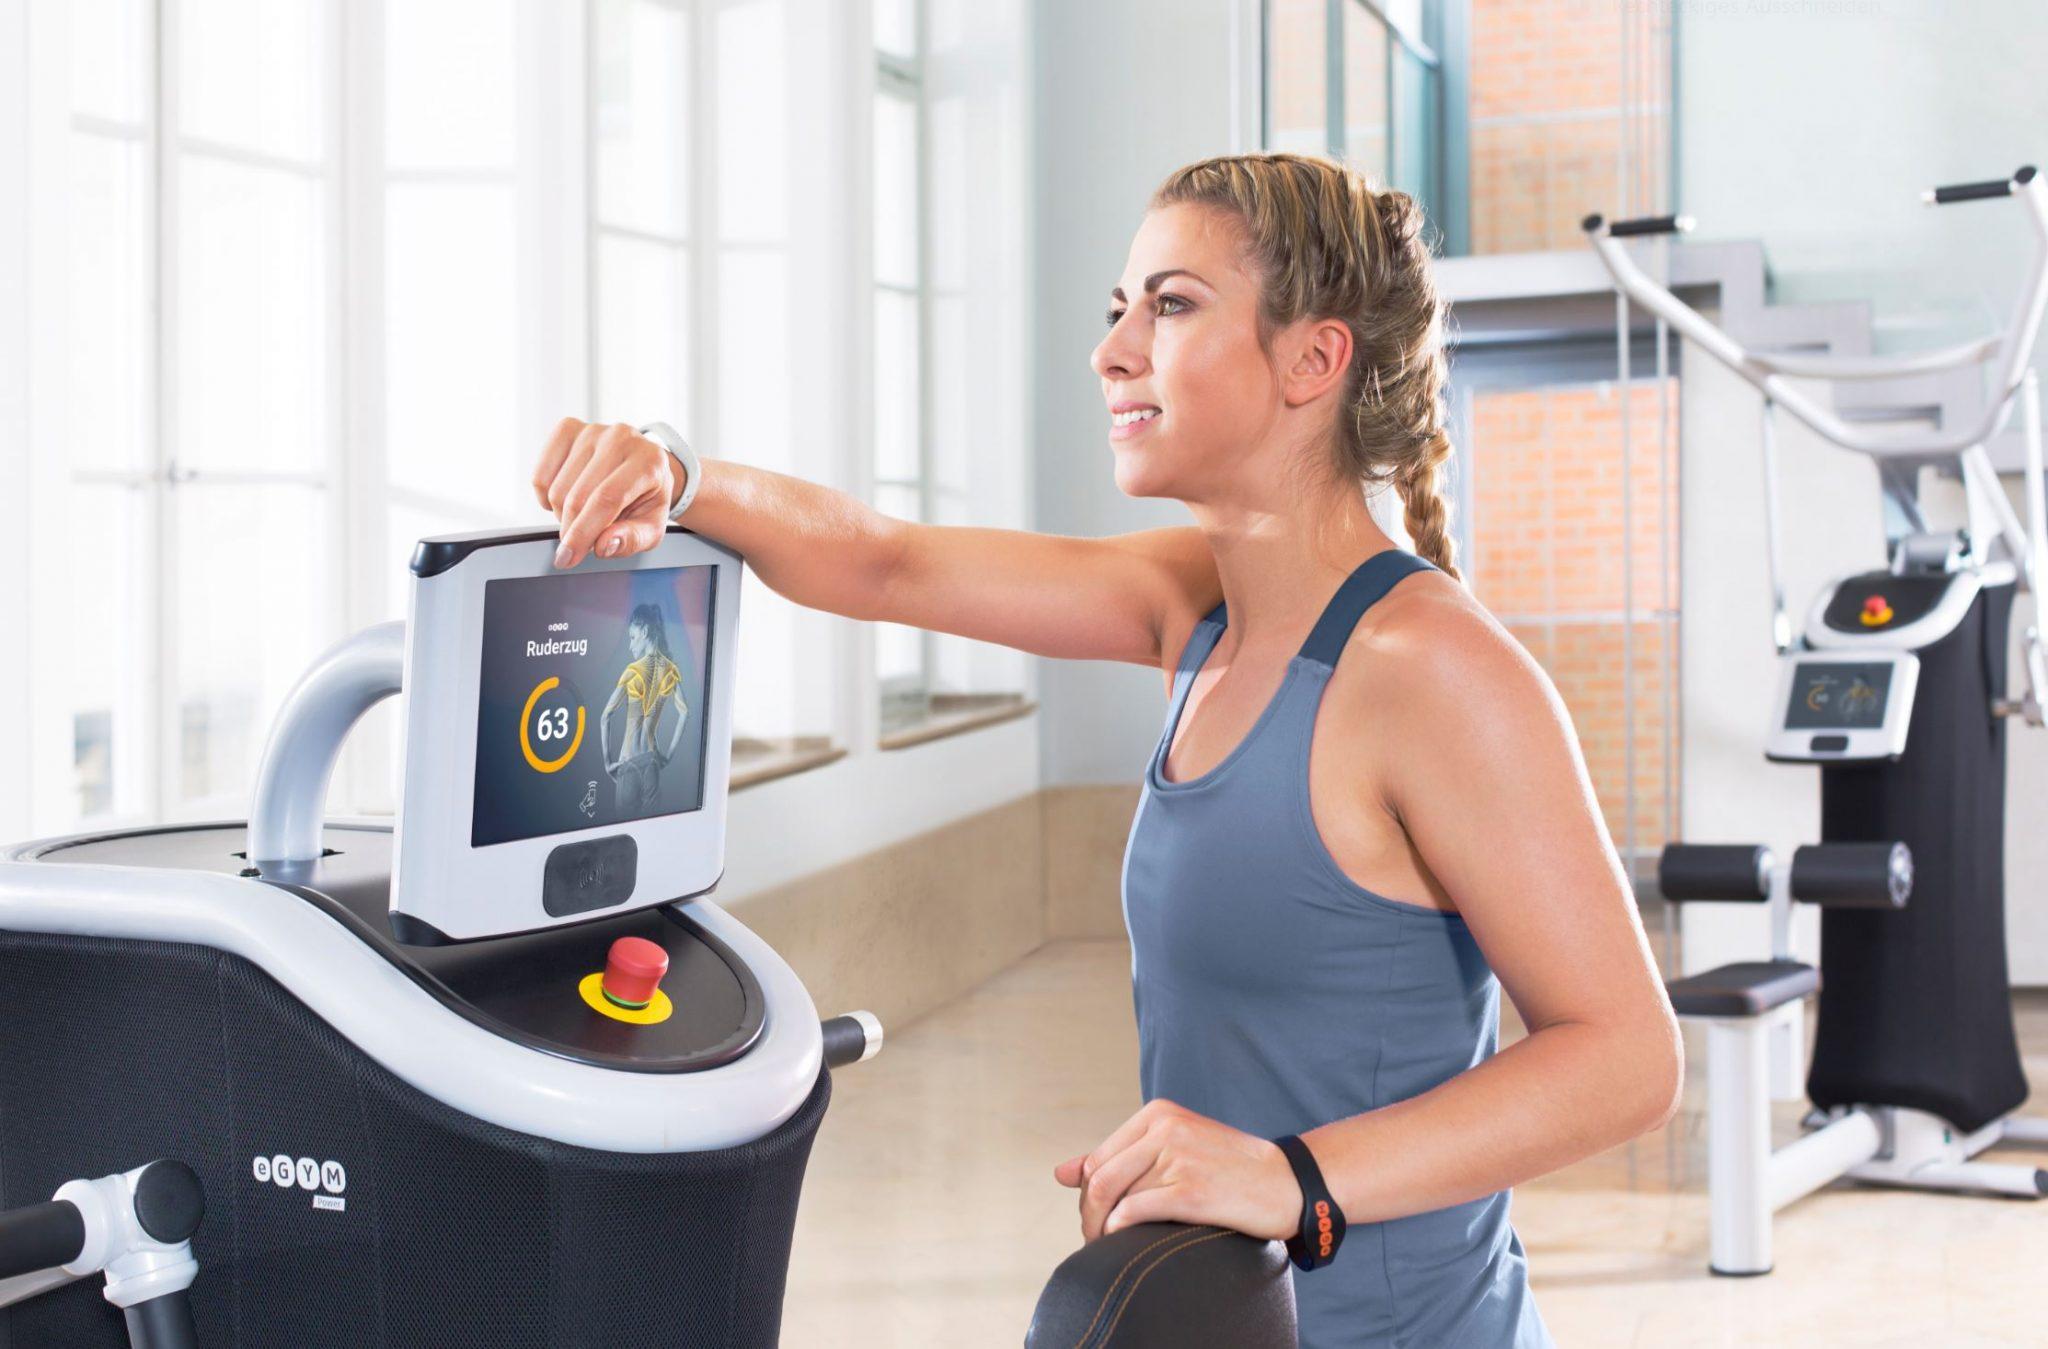 Ein Bild von einem eGym Gerät mit einer jungen Dame davor in grauem Shirt